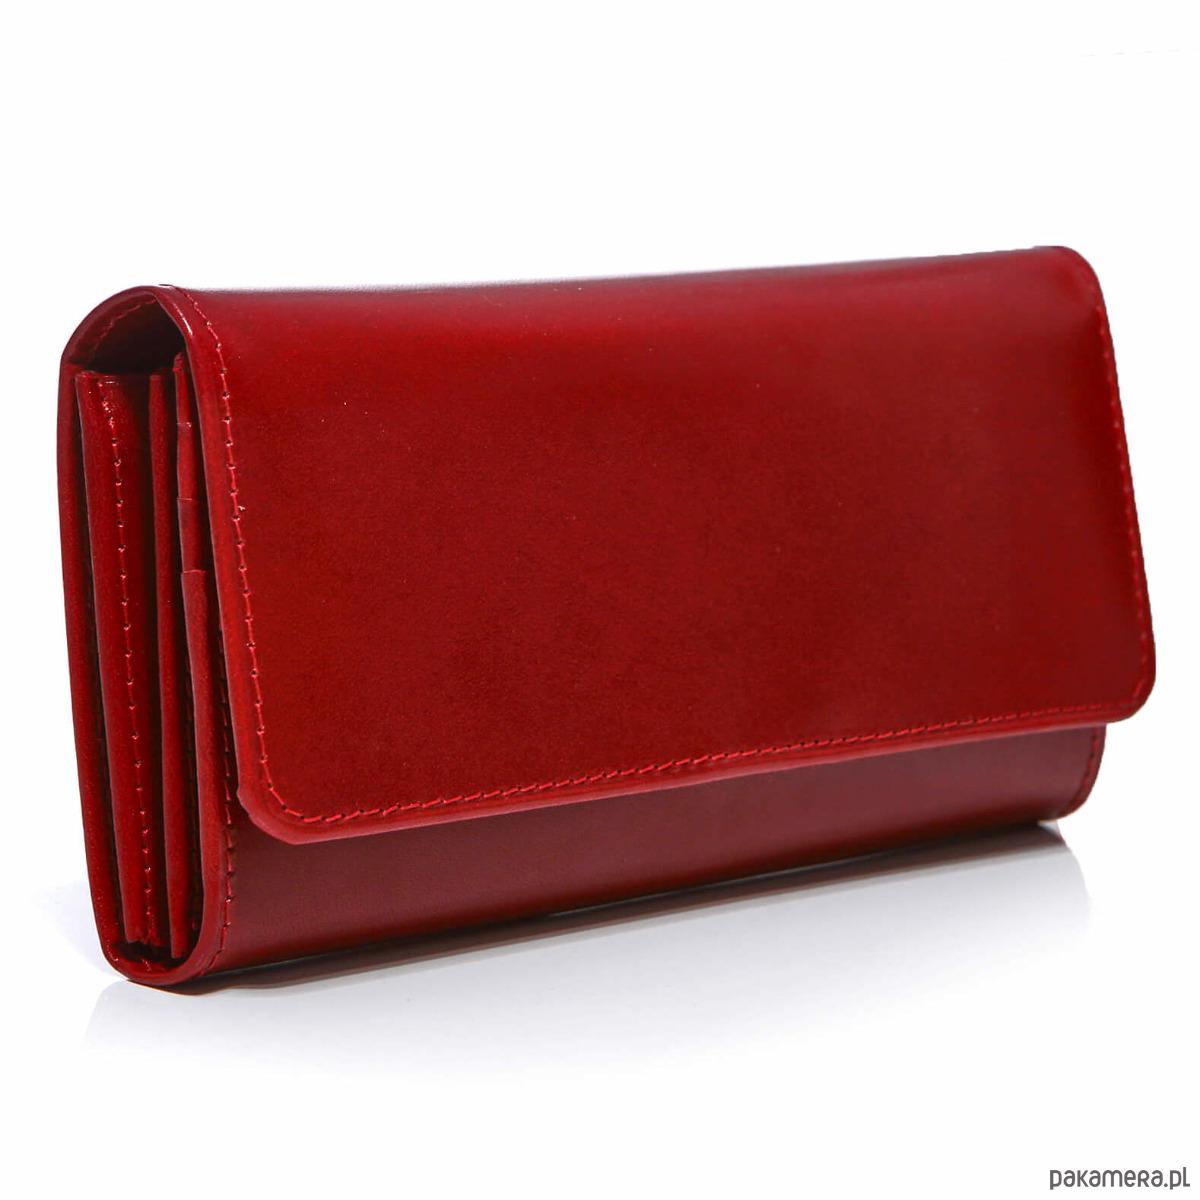 428c40e65d75d Czerwony portfel damski skórzany duży Belveder - portfele - damskie ...